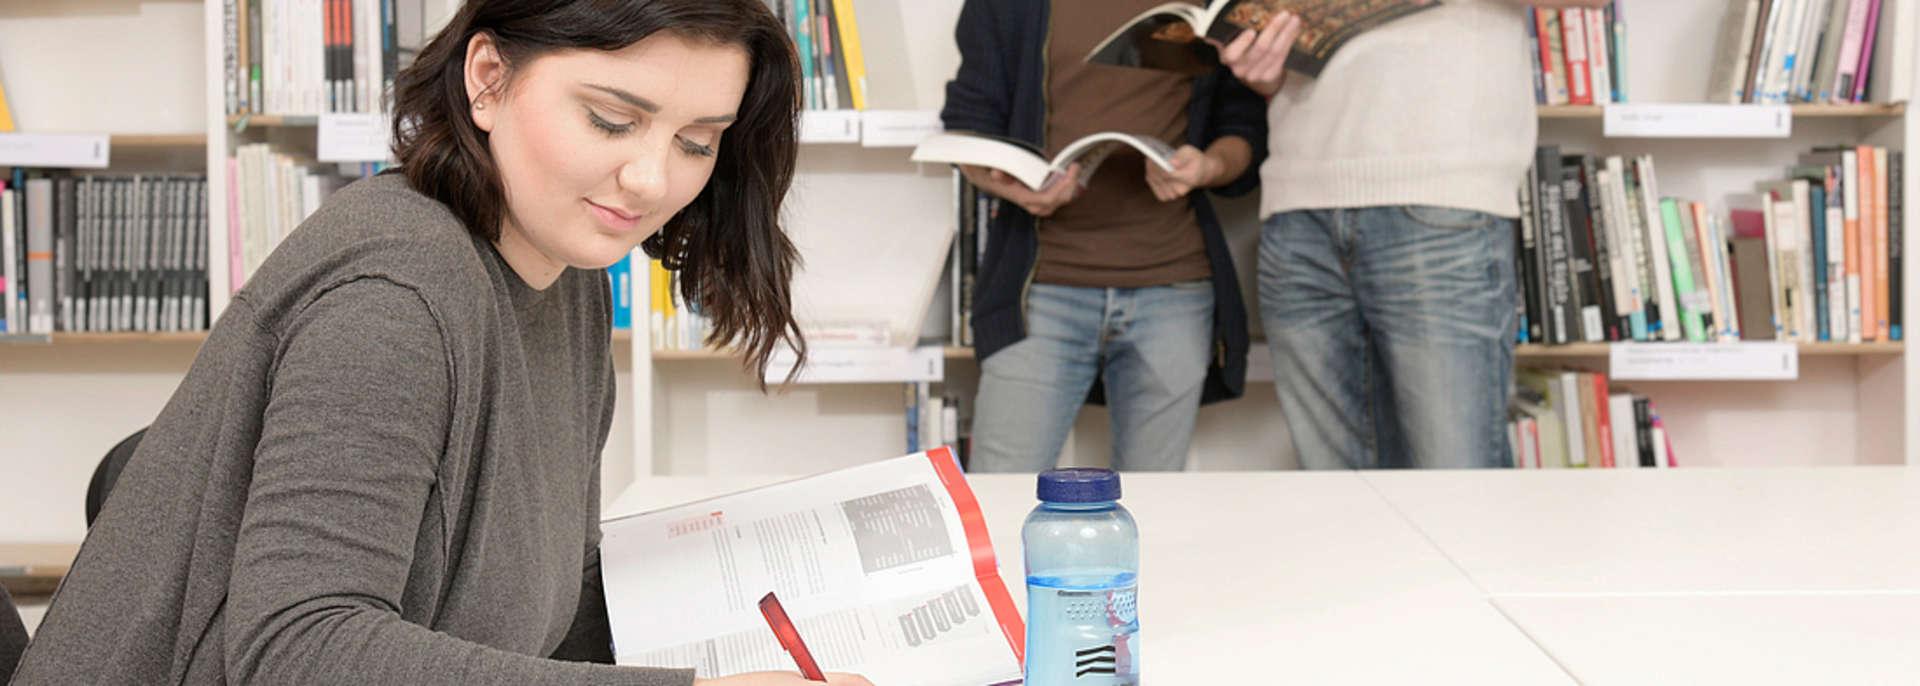 Medien Und Kommunikation Studium